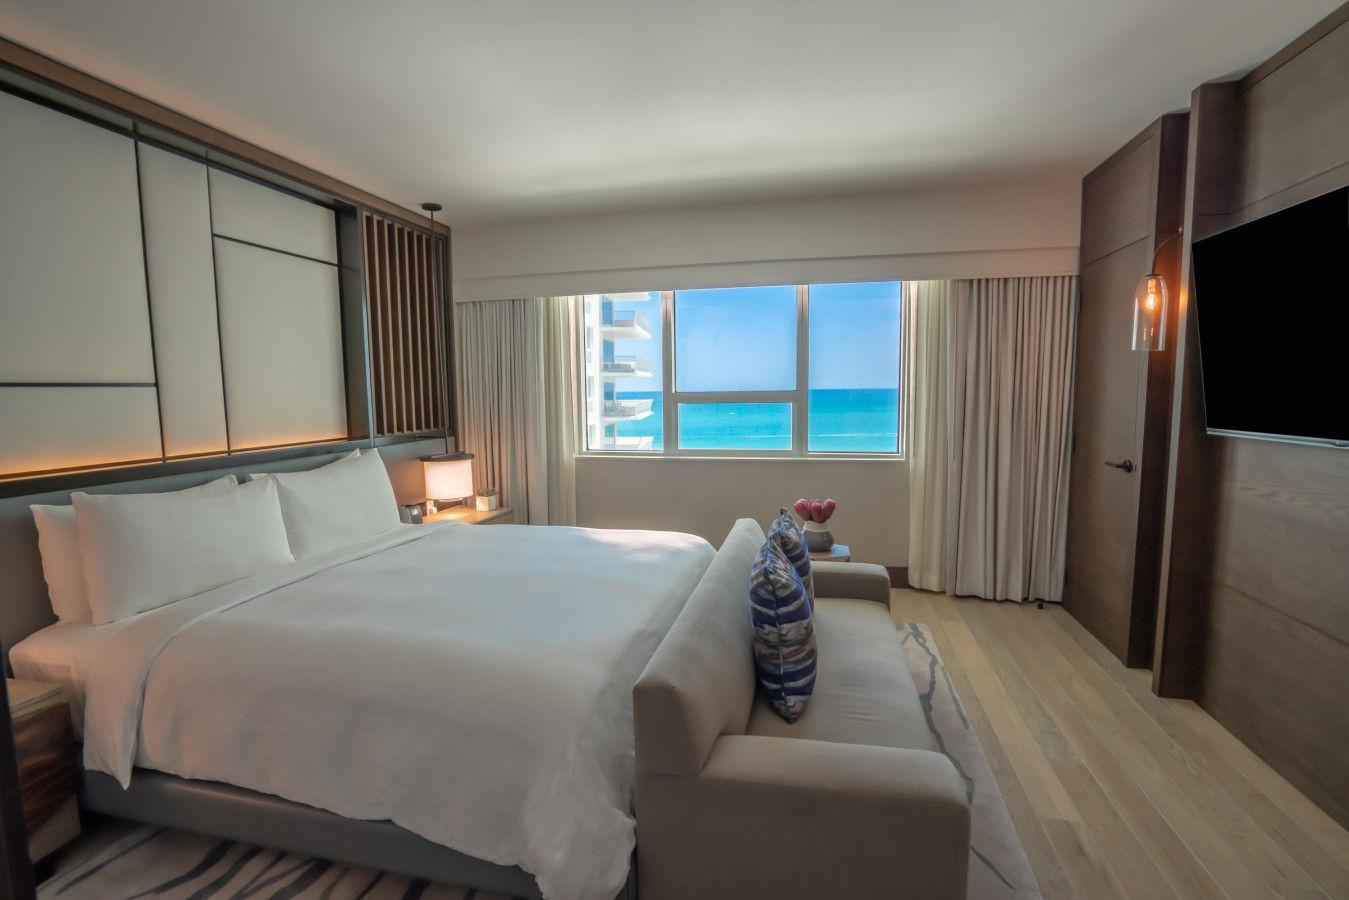 Suite Umi - Nobu HotelMiami Beach